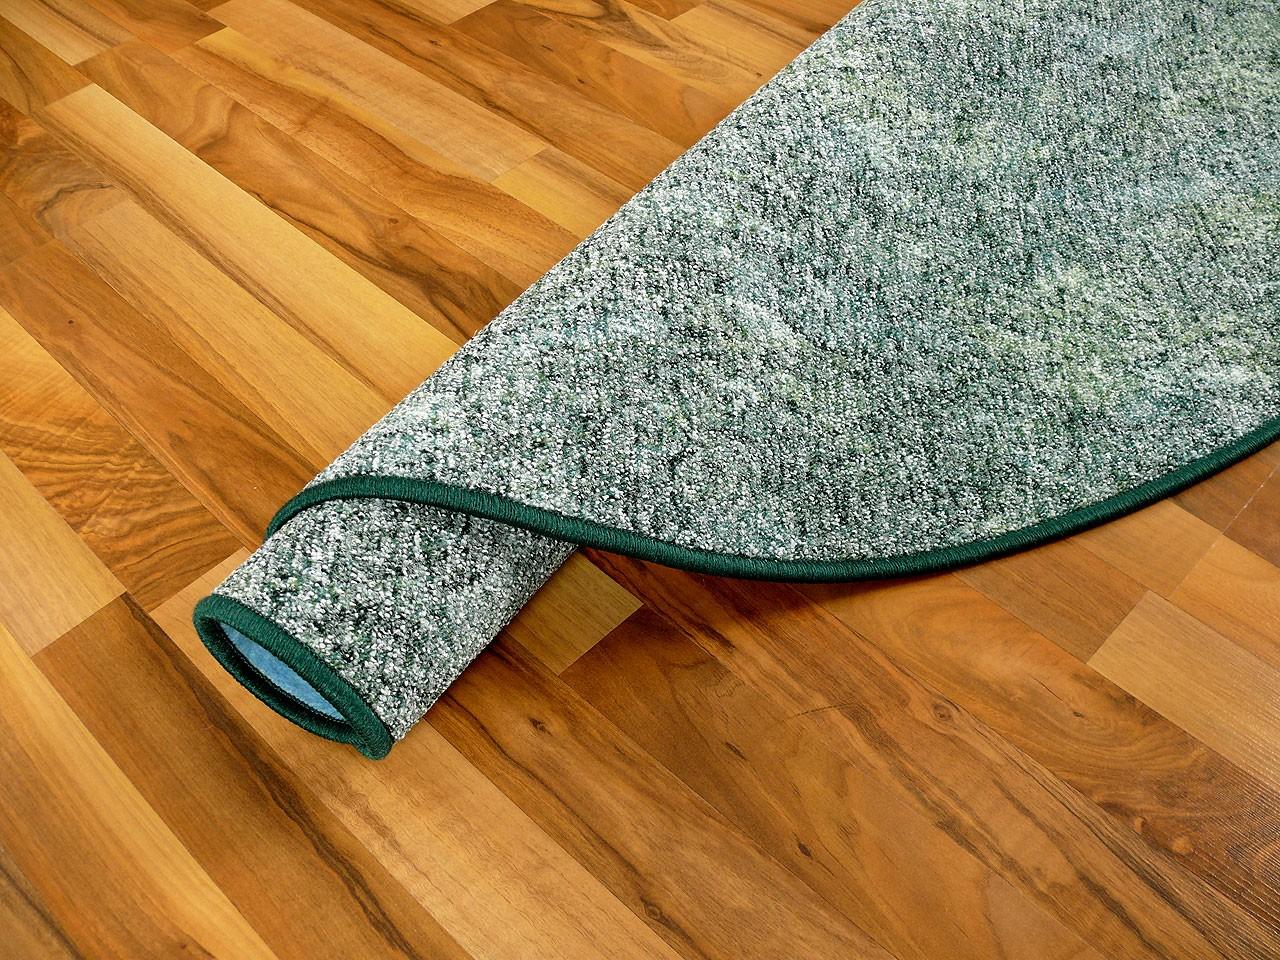 schlingen teppich memory gr n meliert rund in 7 gr en teppiche schlingenteppiche. Black Bedroom Furniture Sets. Home Design Ideas